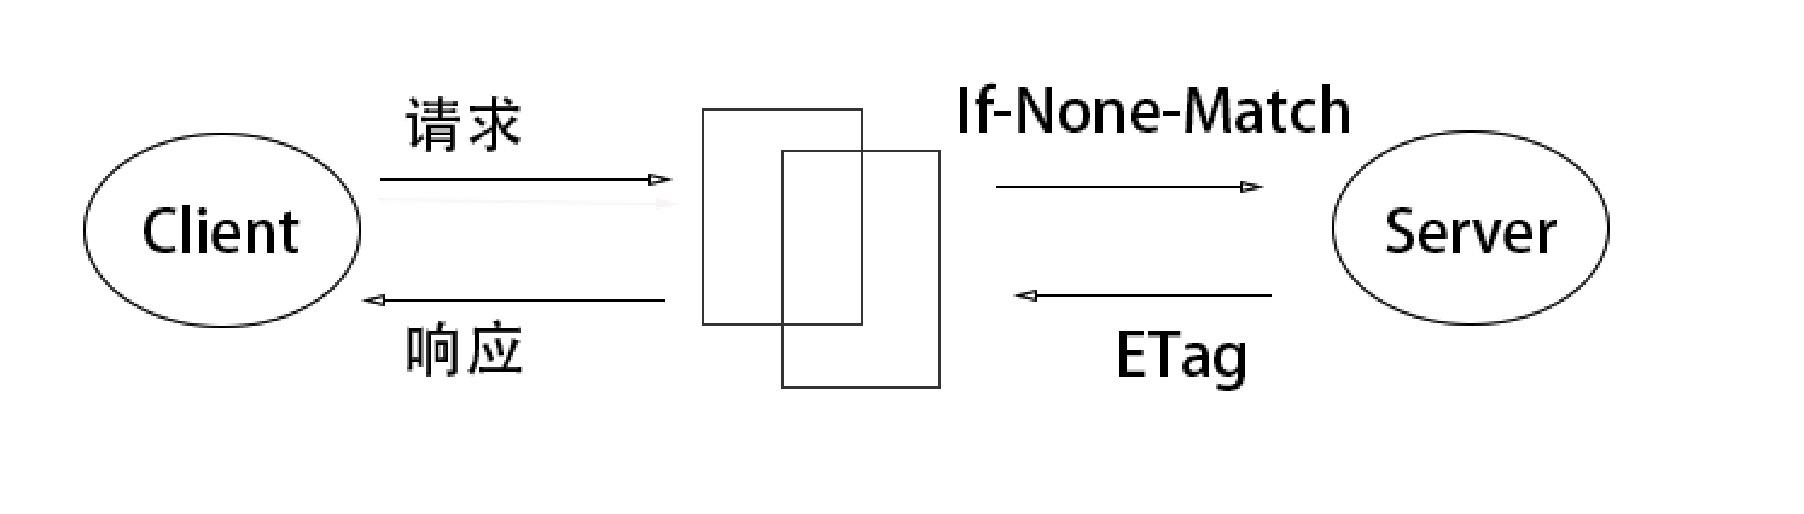 ETag验证图